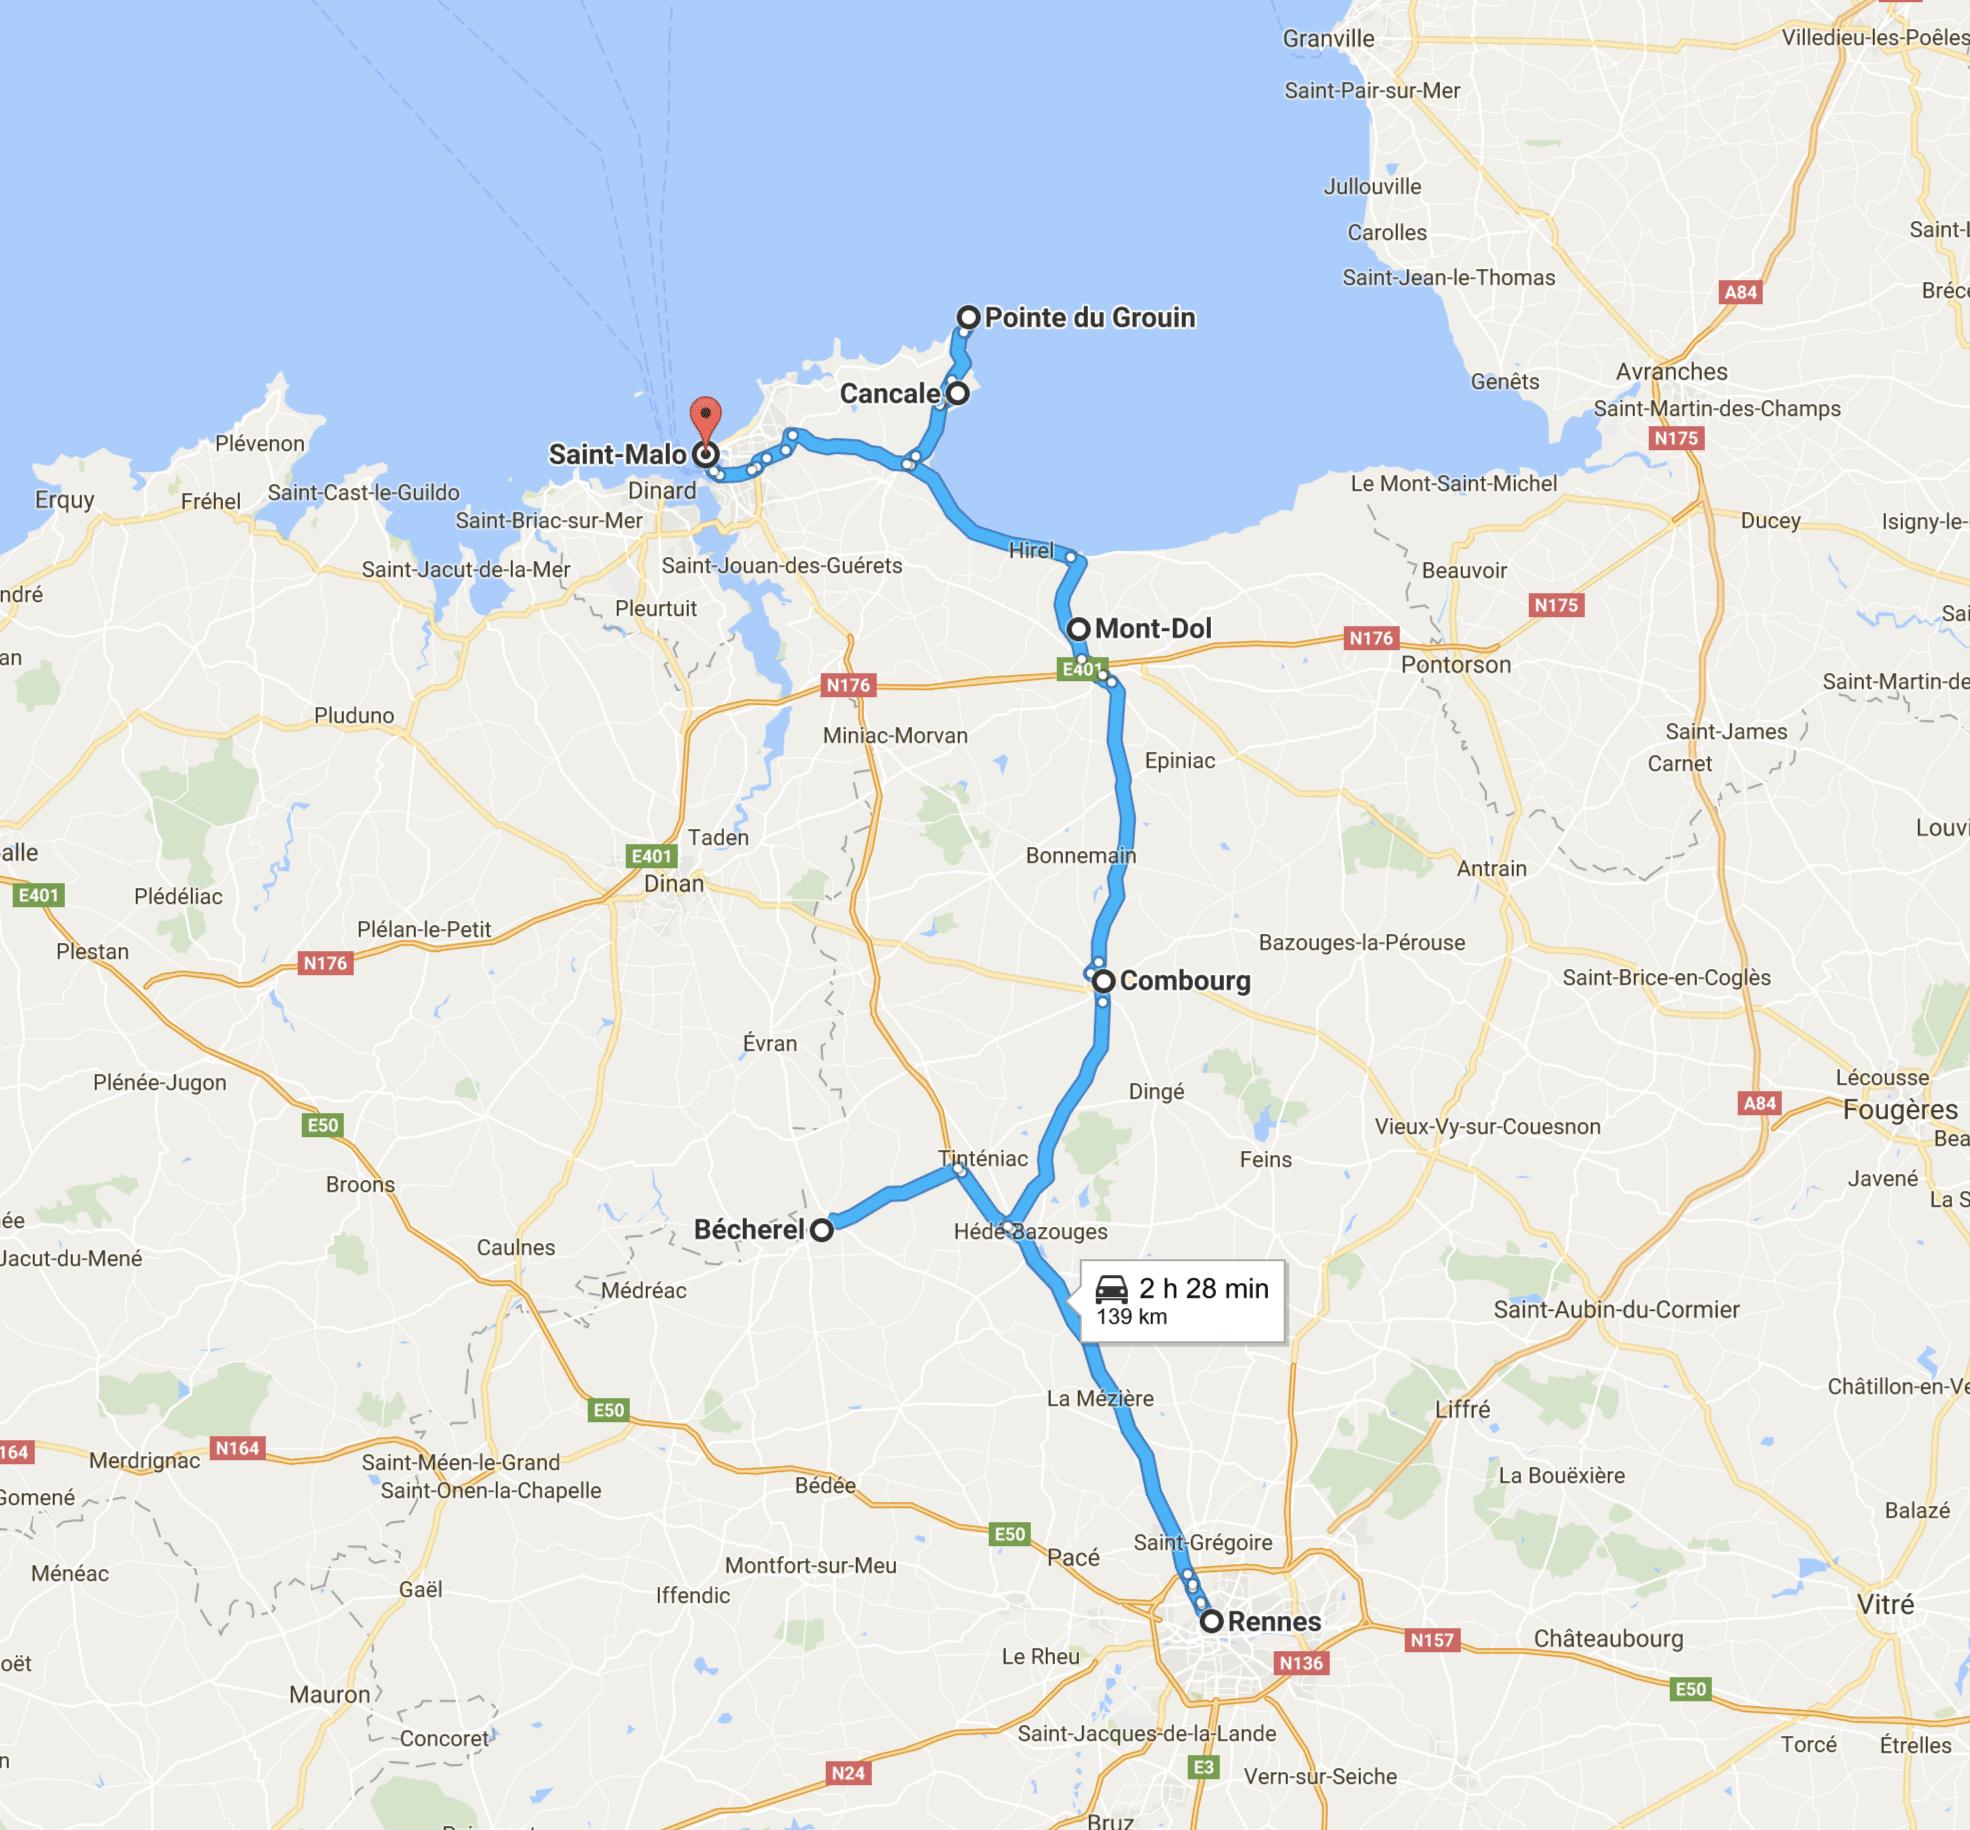 itinerario nel dipartimento dell'Ille-et-Vilaine